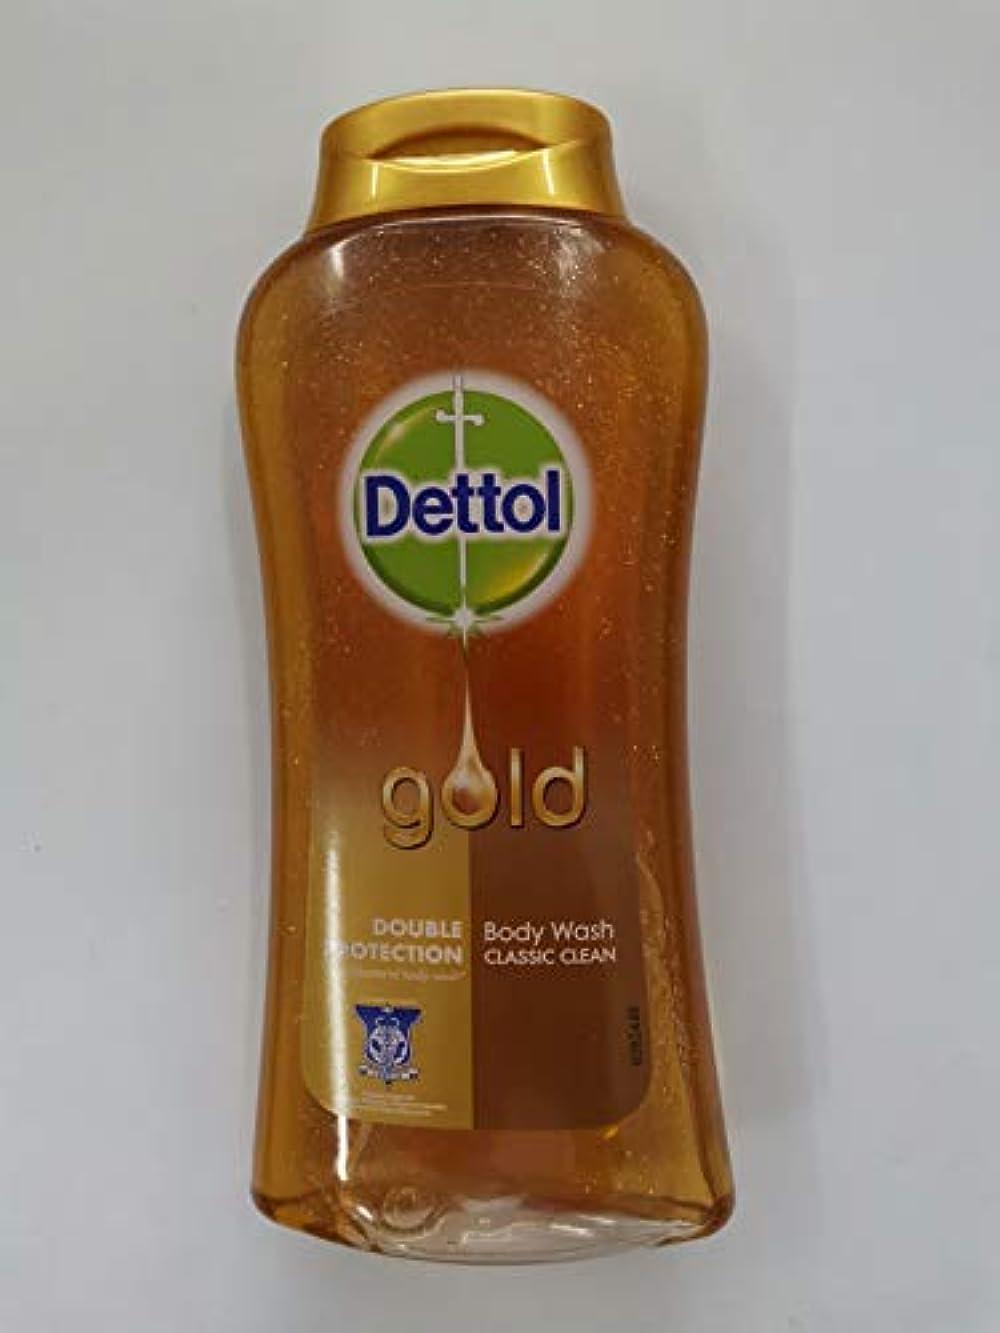 印象的行く雇ったDettol クラシッククリーンボディローション250ミリリットル - 細菌非食用風呂-kills 99.9% - 毎日の細菌を防ぎます